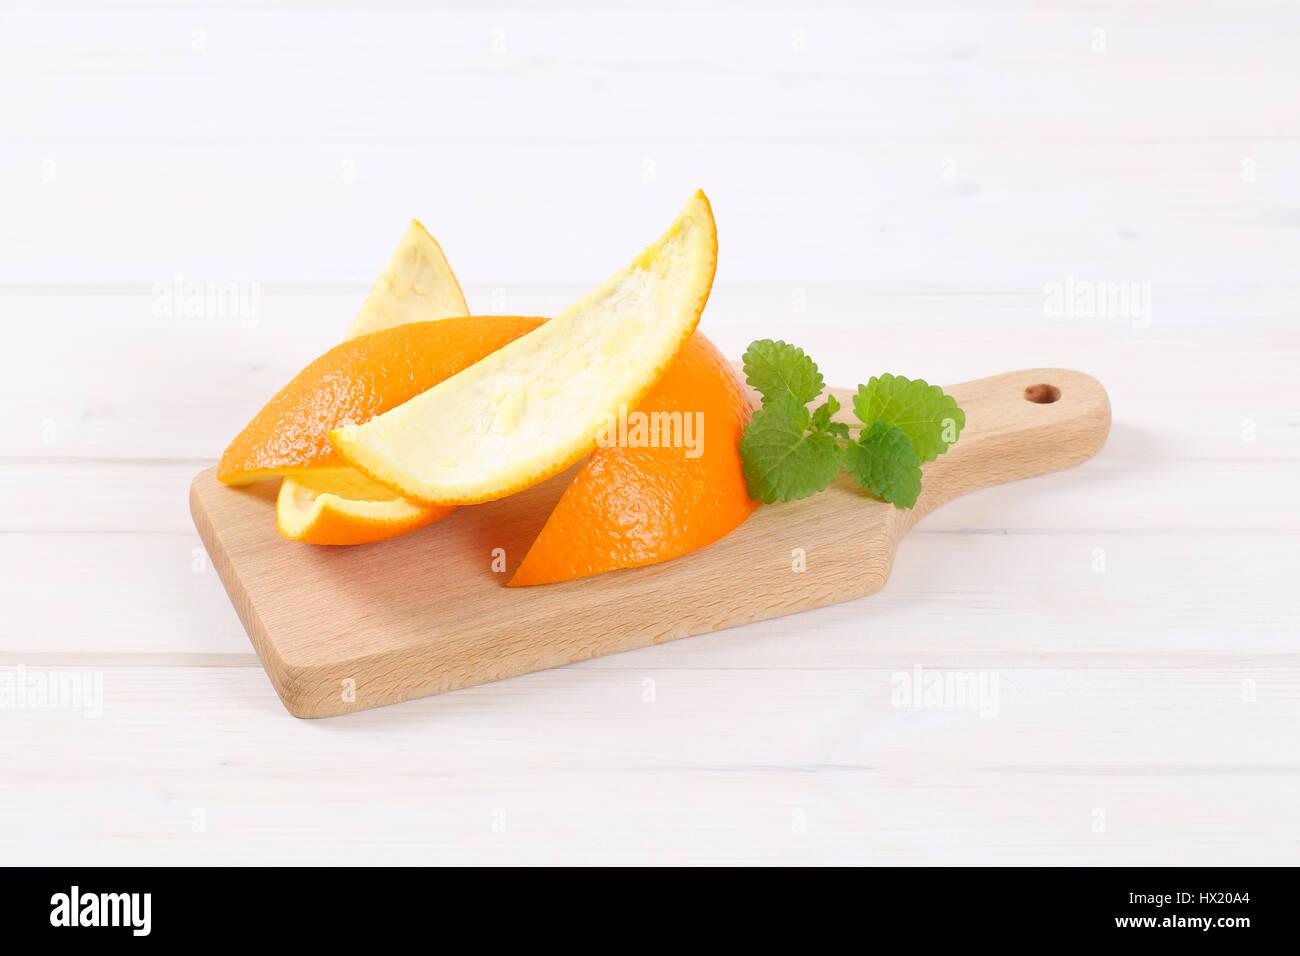 Montón de cáscaras de naranja sobre la tabla de cortar de madera Imagen De Stock